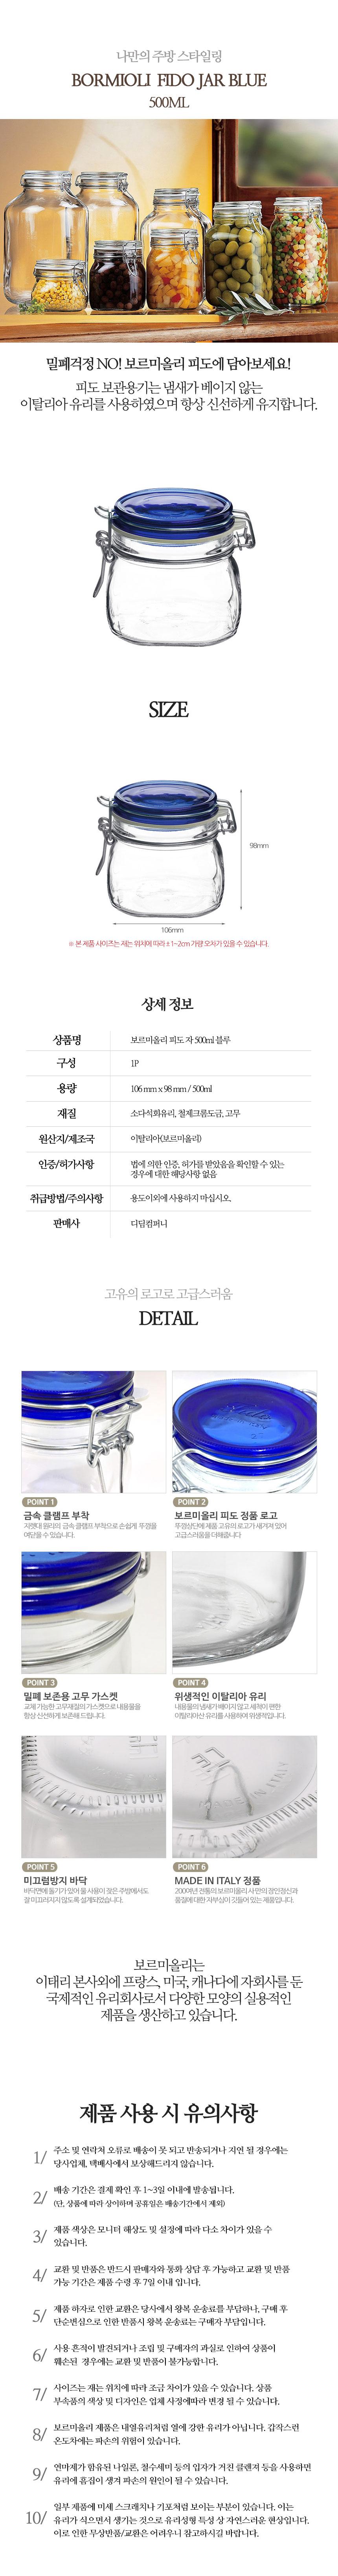 보르미올리 피도자 500ml(블루) - 룸바이디자인, 6,500원, 밀폐/보관용기, 반찬/밀폐용기